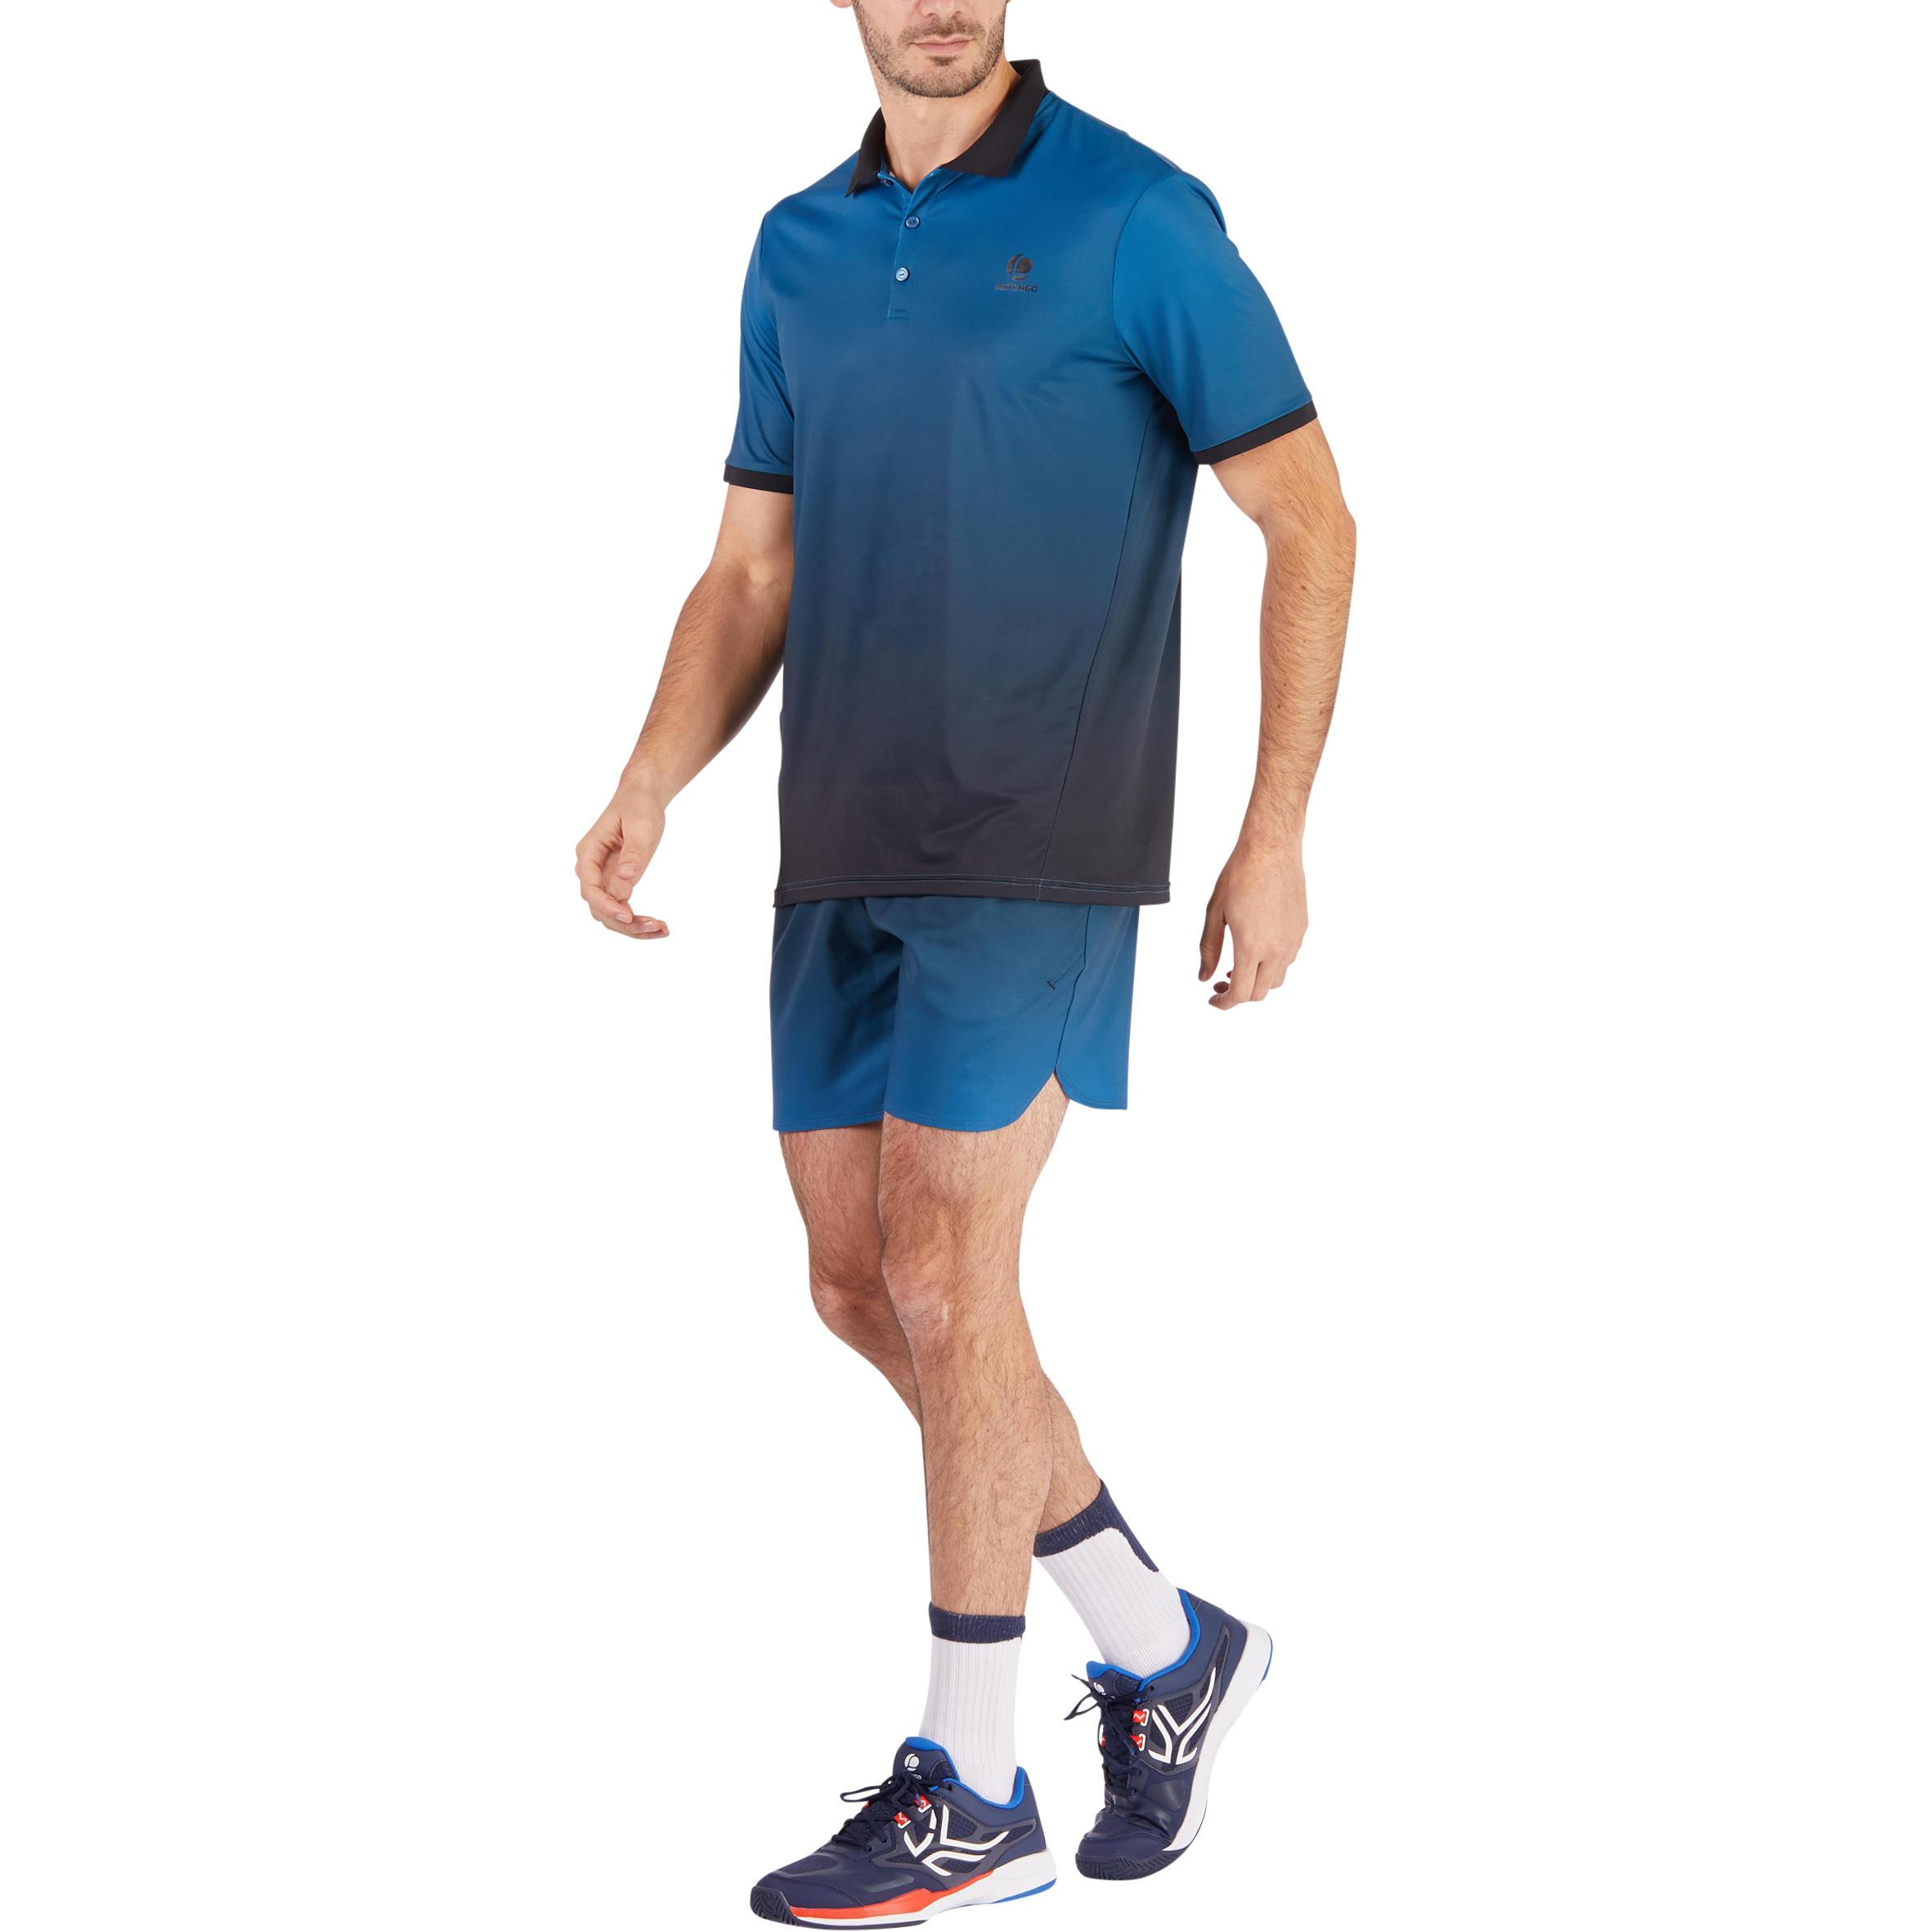 Polo T-shirt -Tennis -Dry 500 blue/black